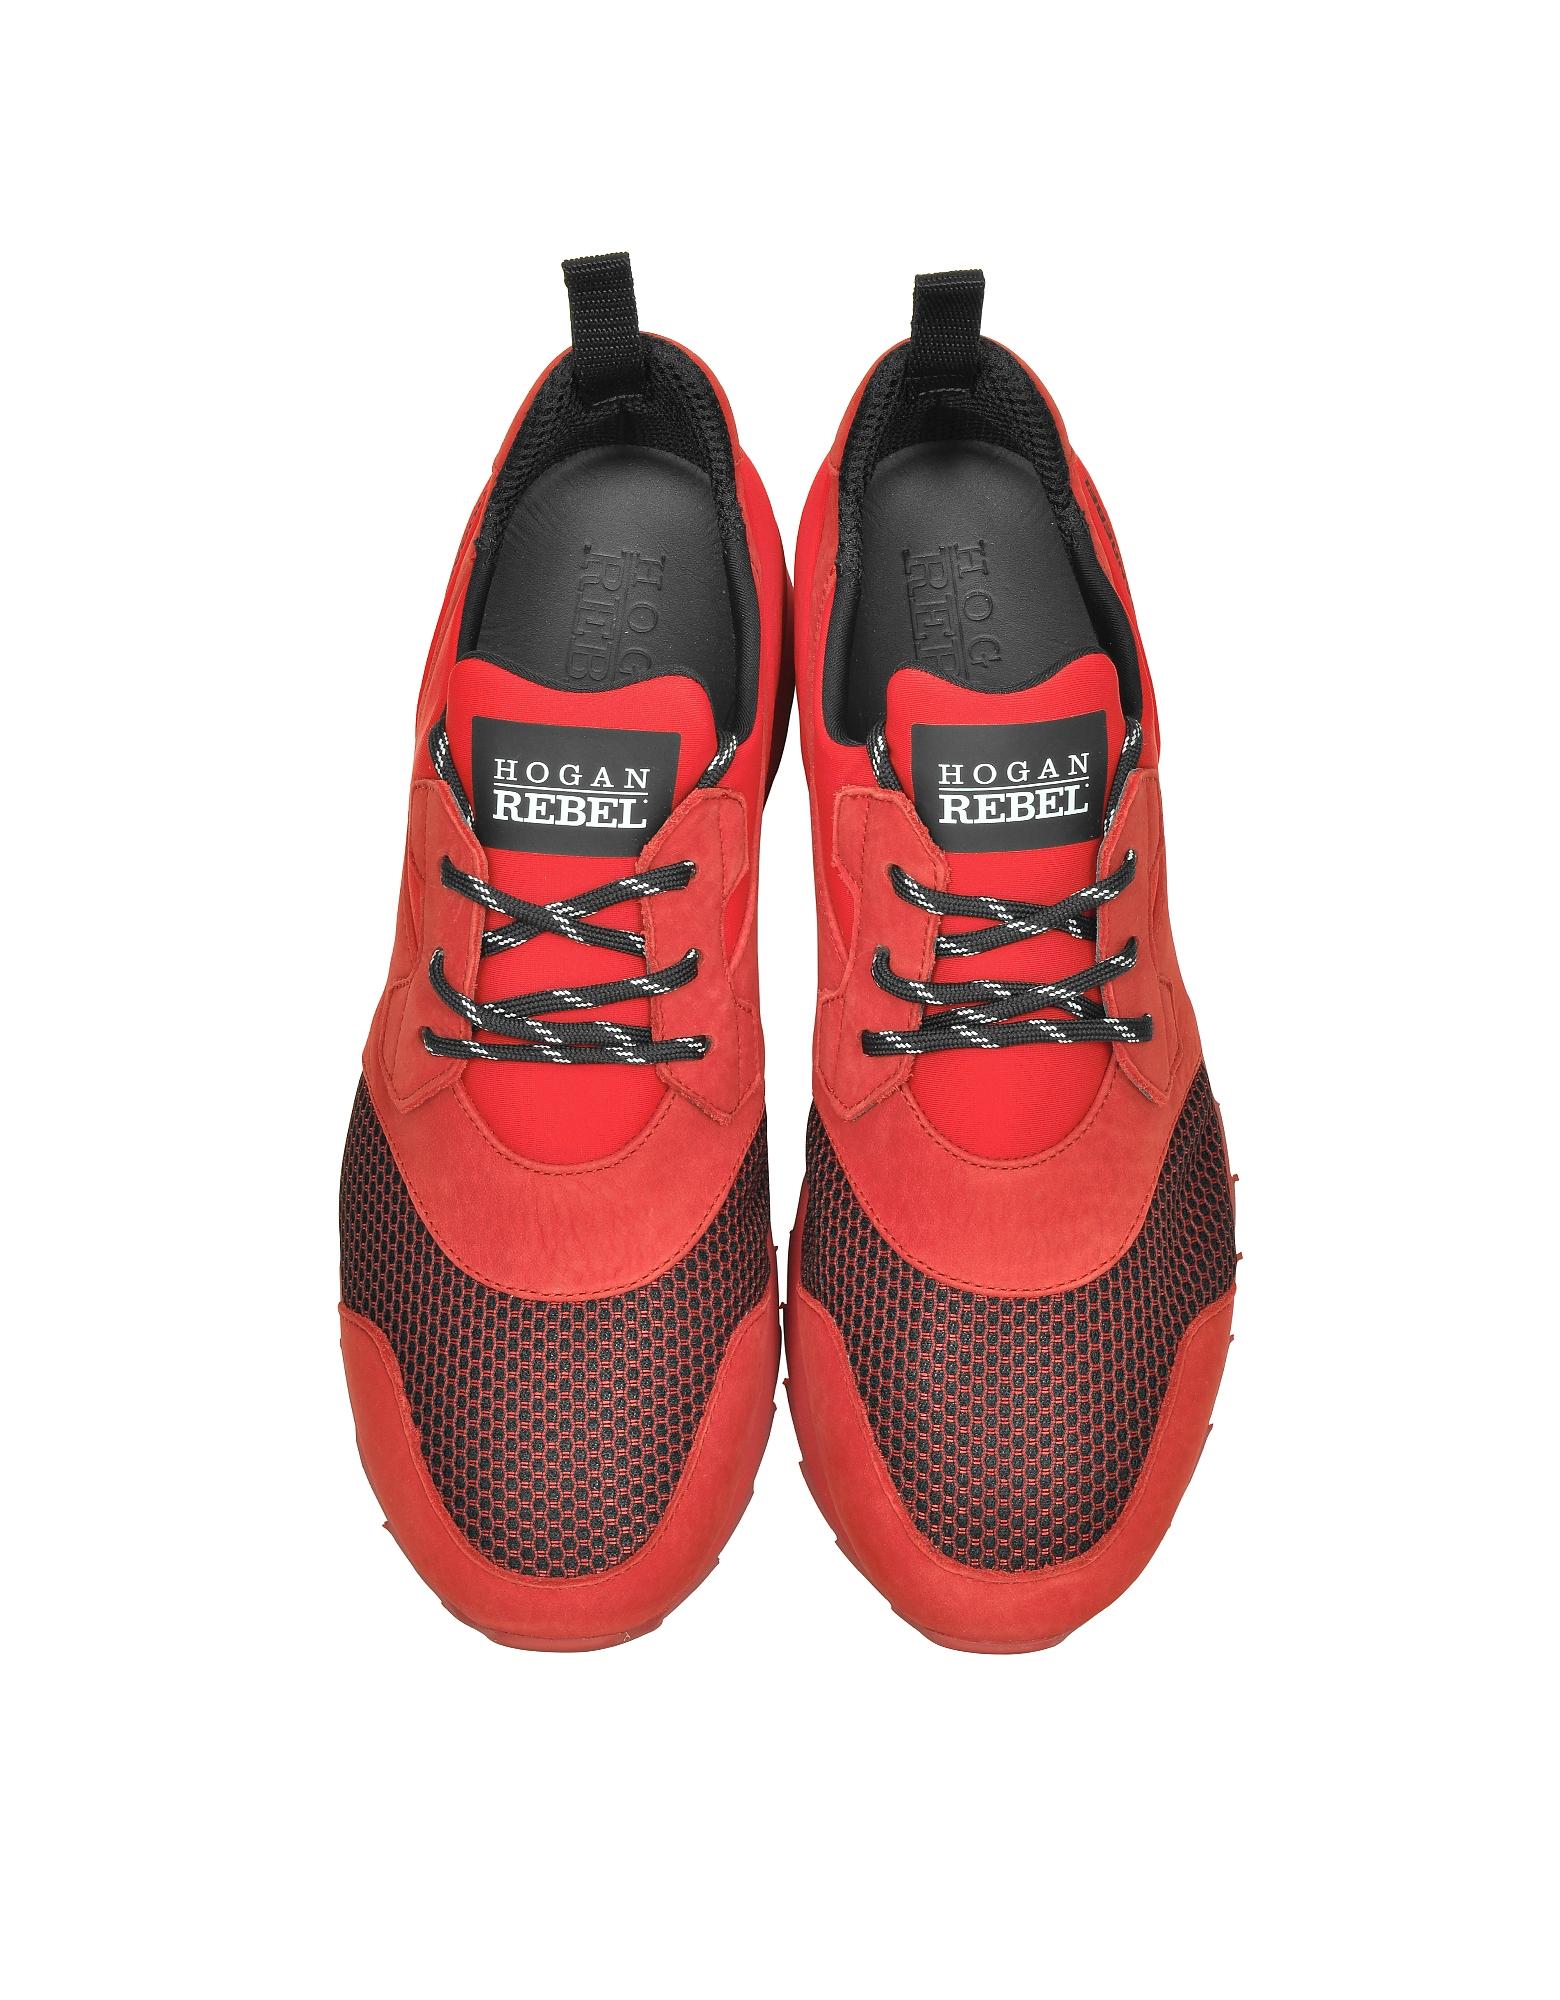 Running R261 Red Nubuck and Neoprene Slip on Men's Sneaker от Forzieri.com INT